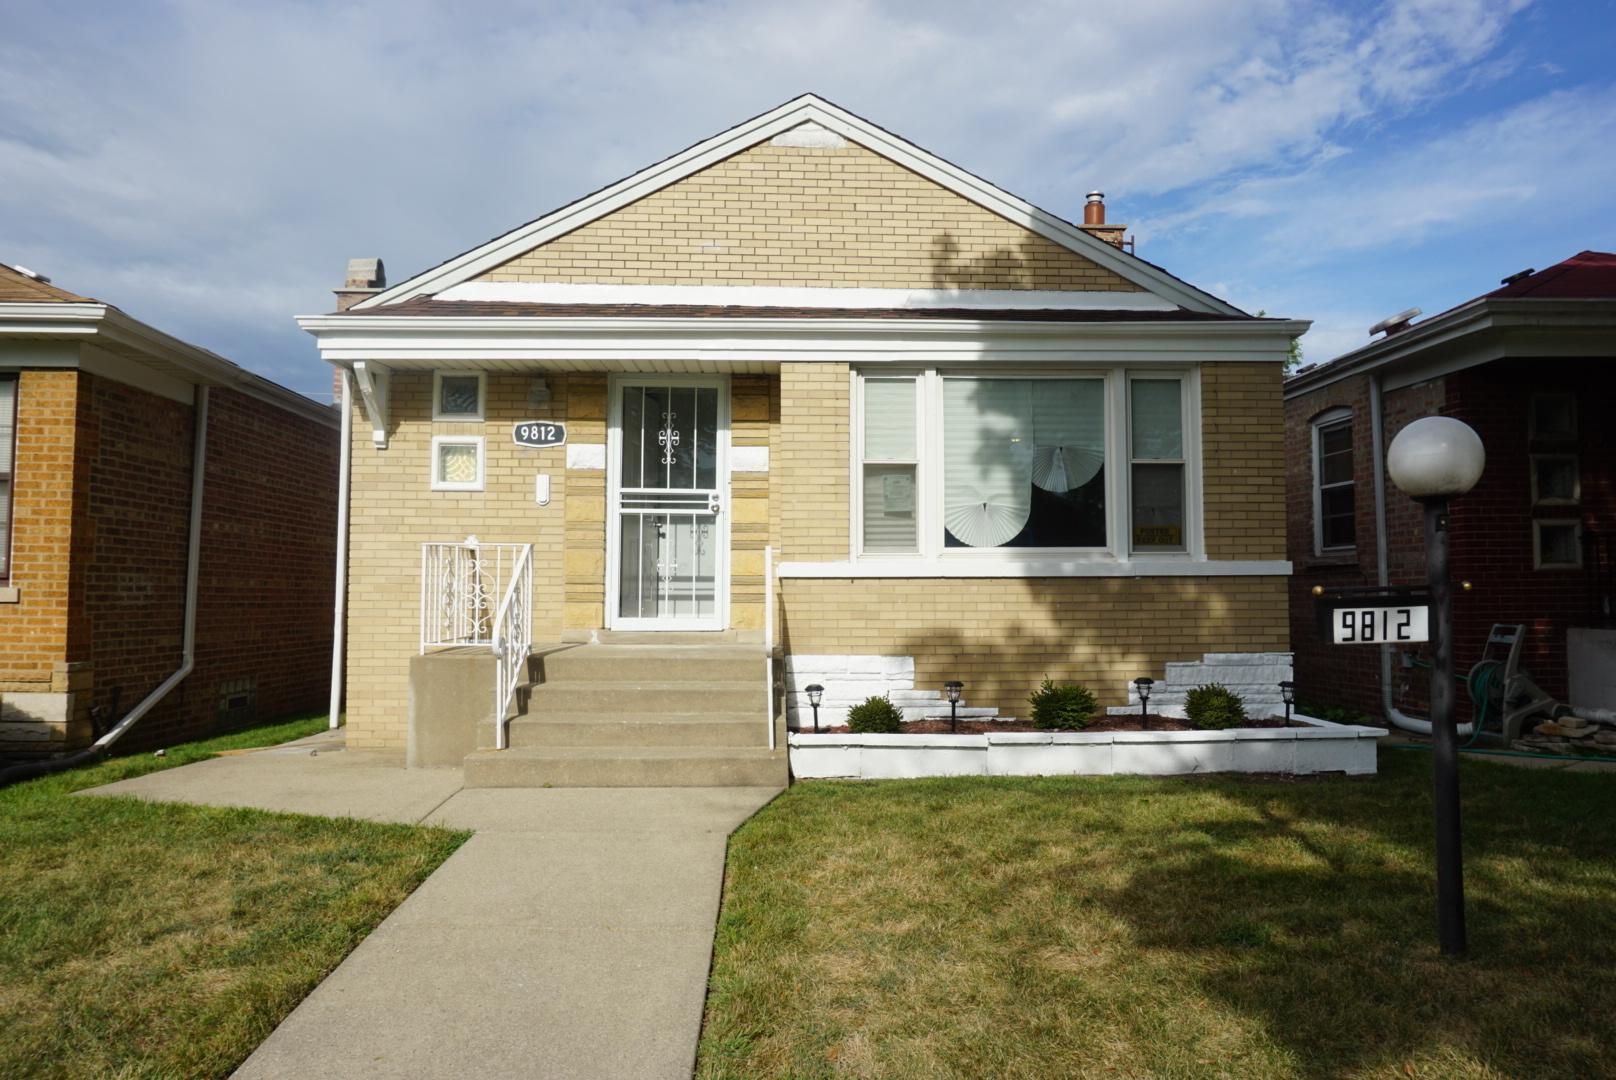 9812 S Greenwood Exterior Photo